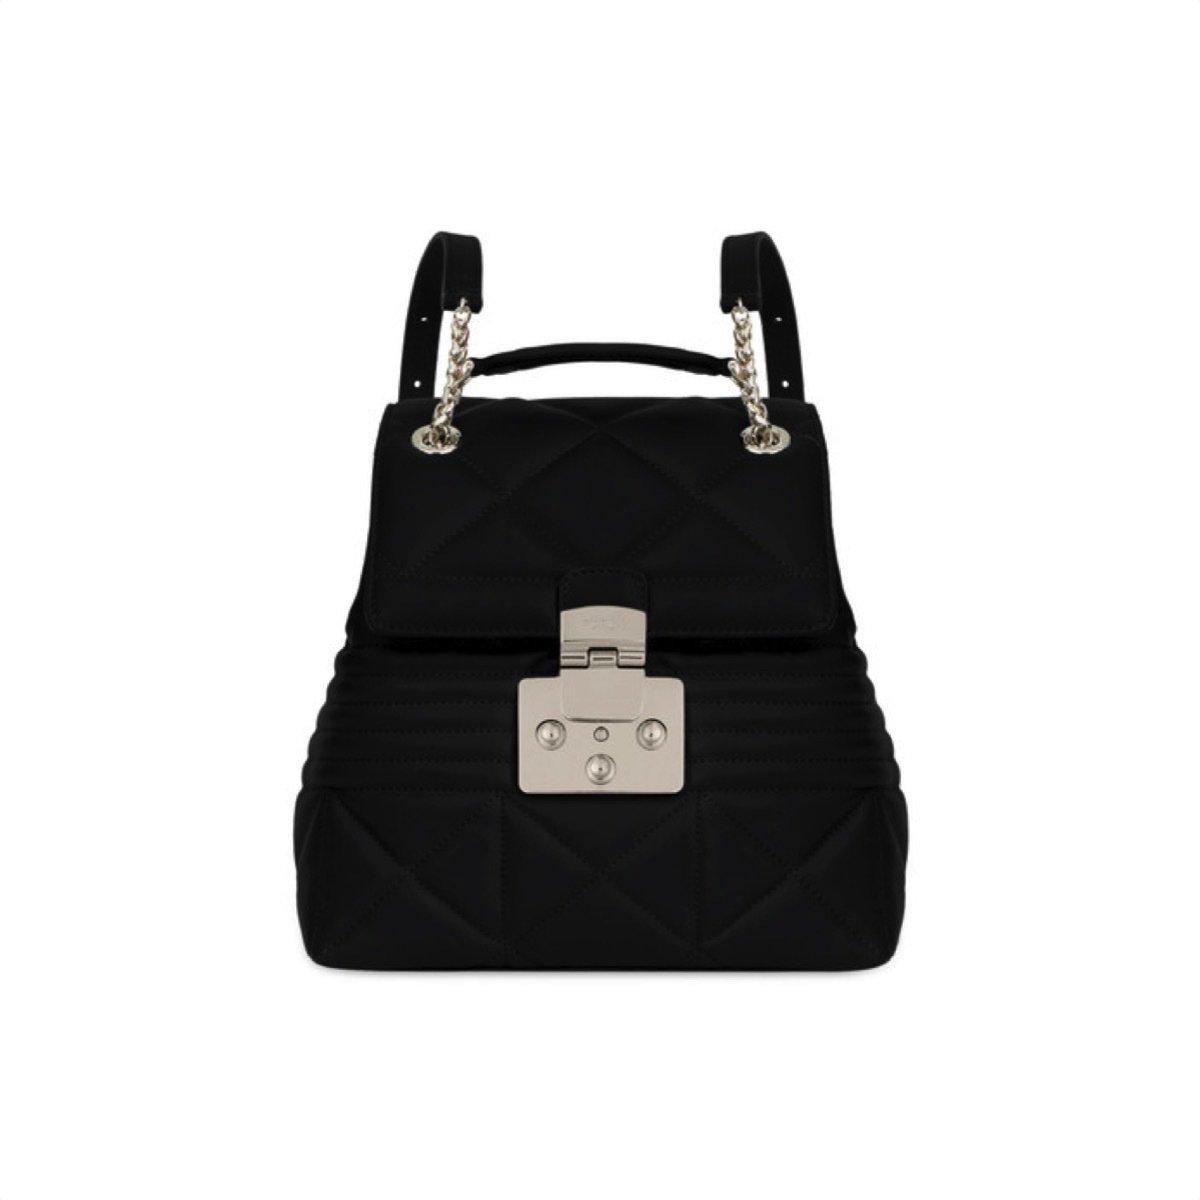 FURLA - Fortuna S Backpack - Onyx